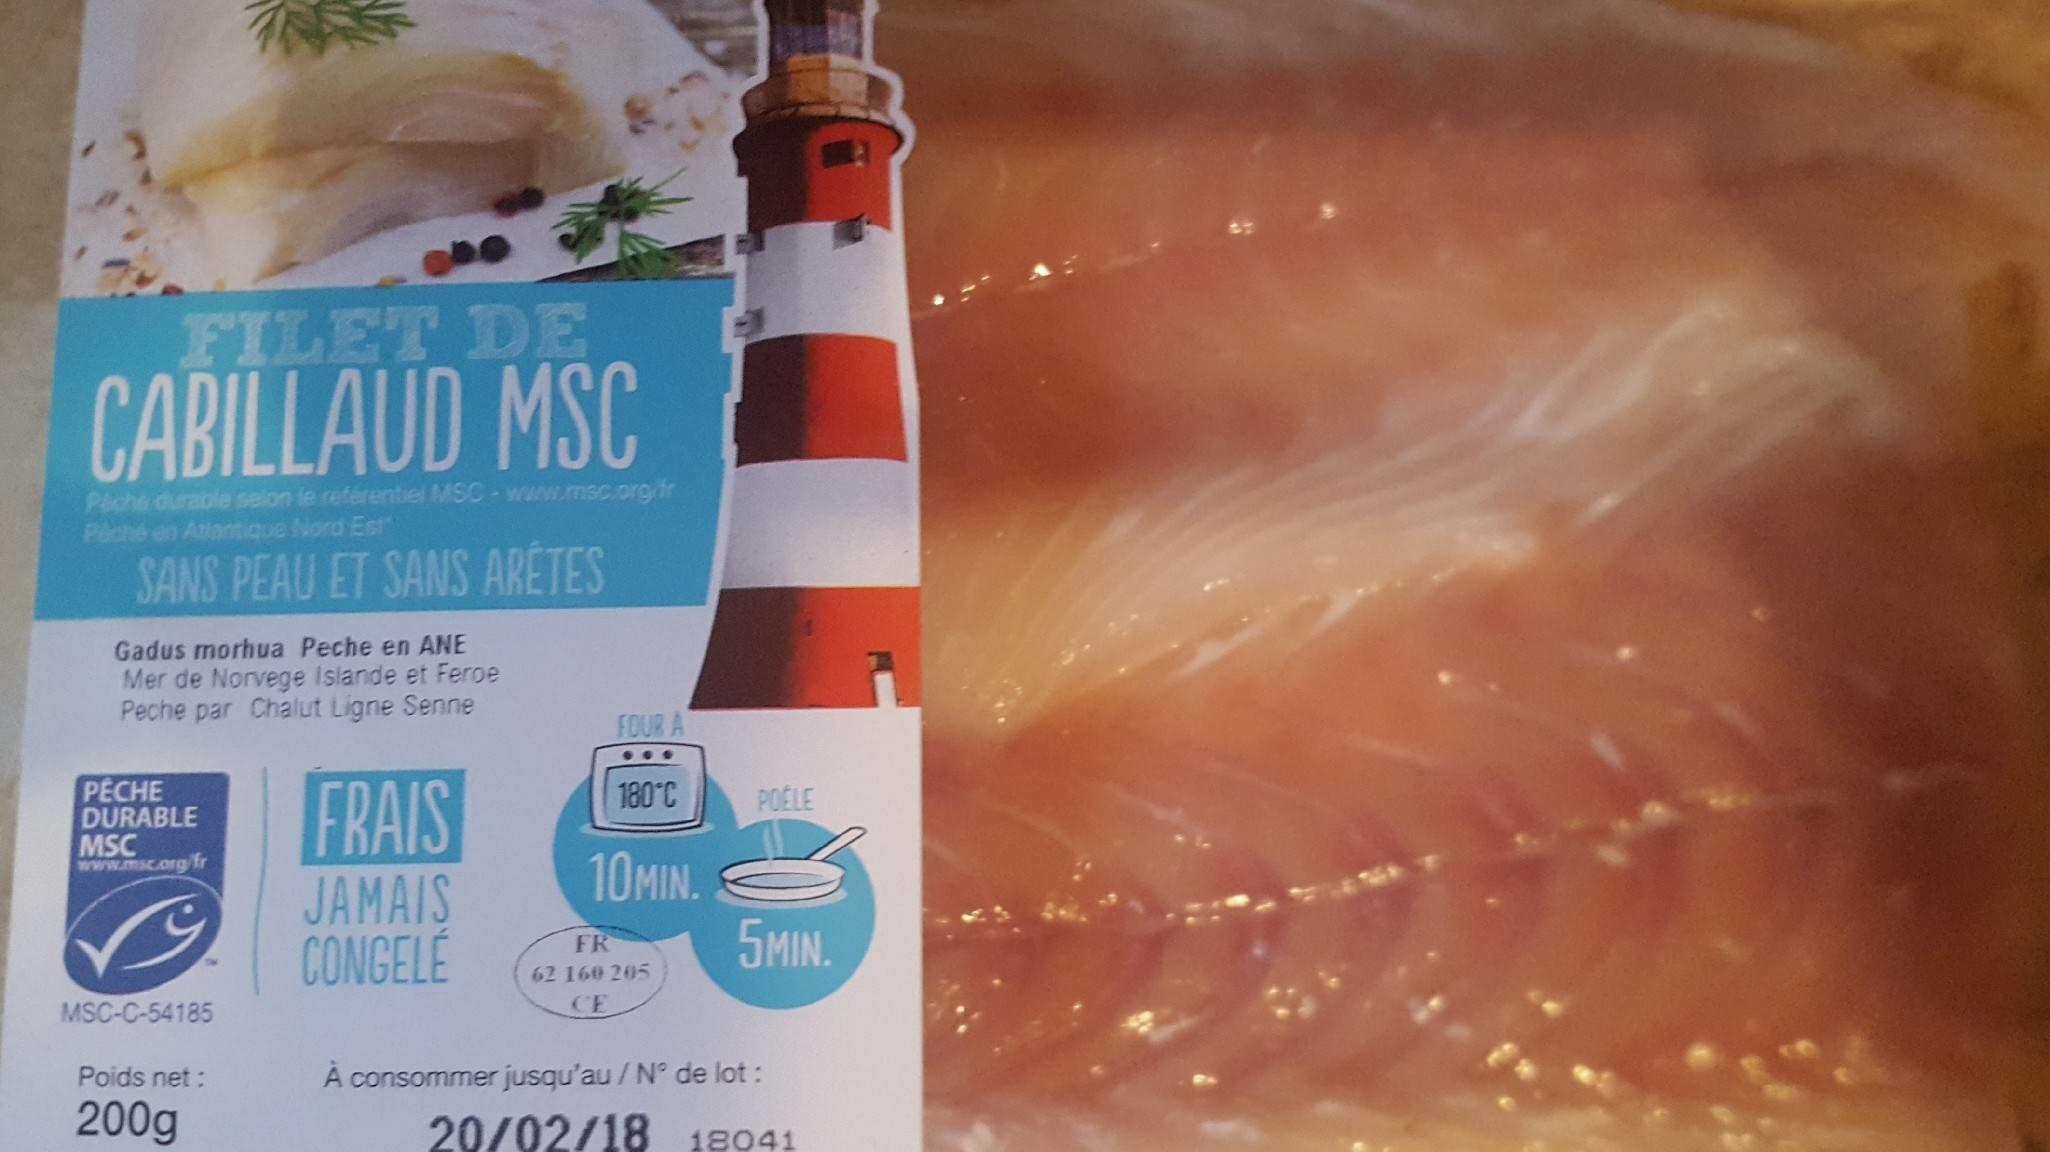 Filet de Cabillaud MSC - Produit